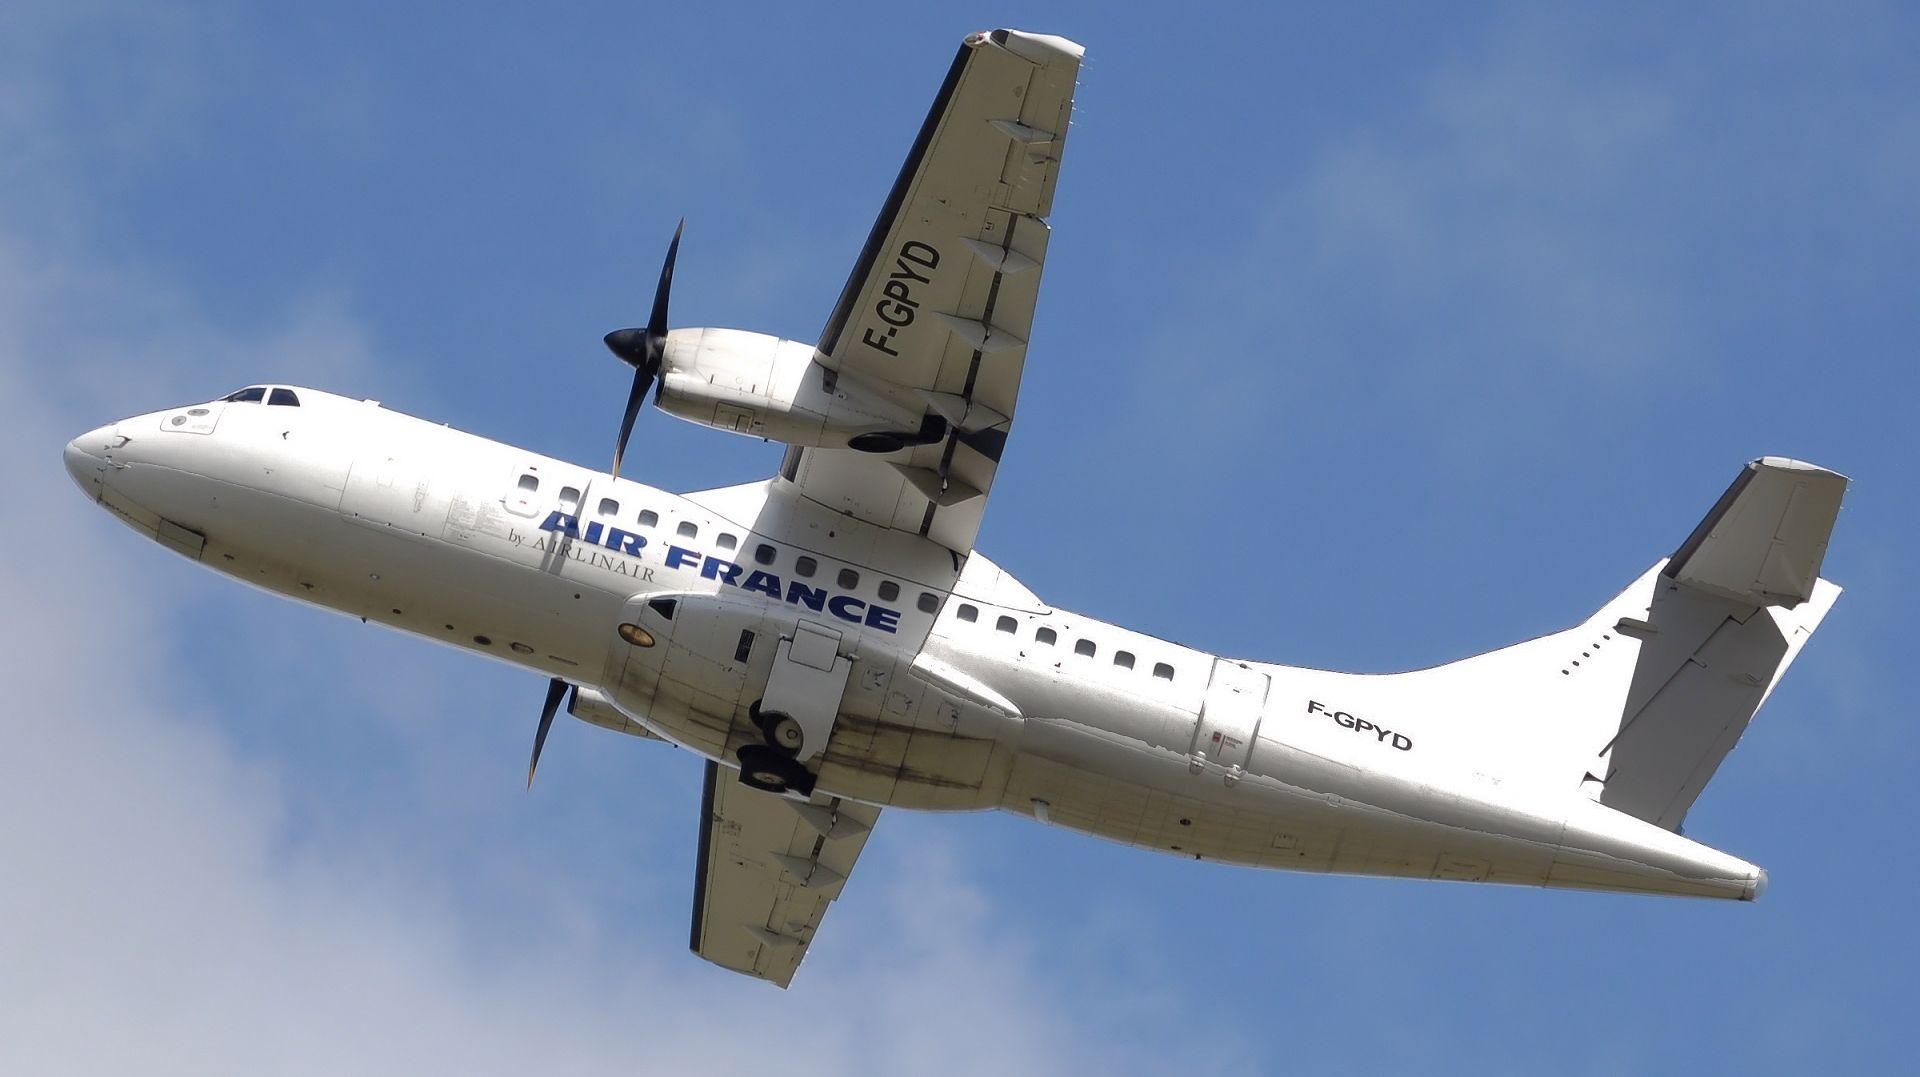 VEĆ ČETVRTA LAŽNA UZBUNA OD PARIZA Sumnjivi predmet u zrakoplovu Air Francea bezopasan